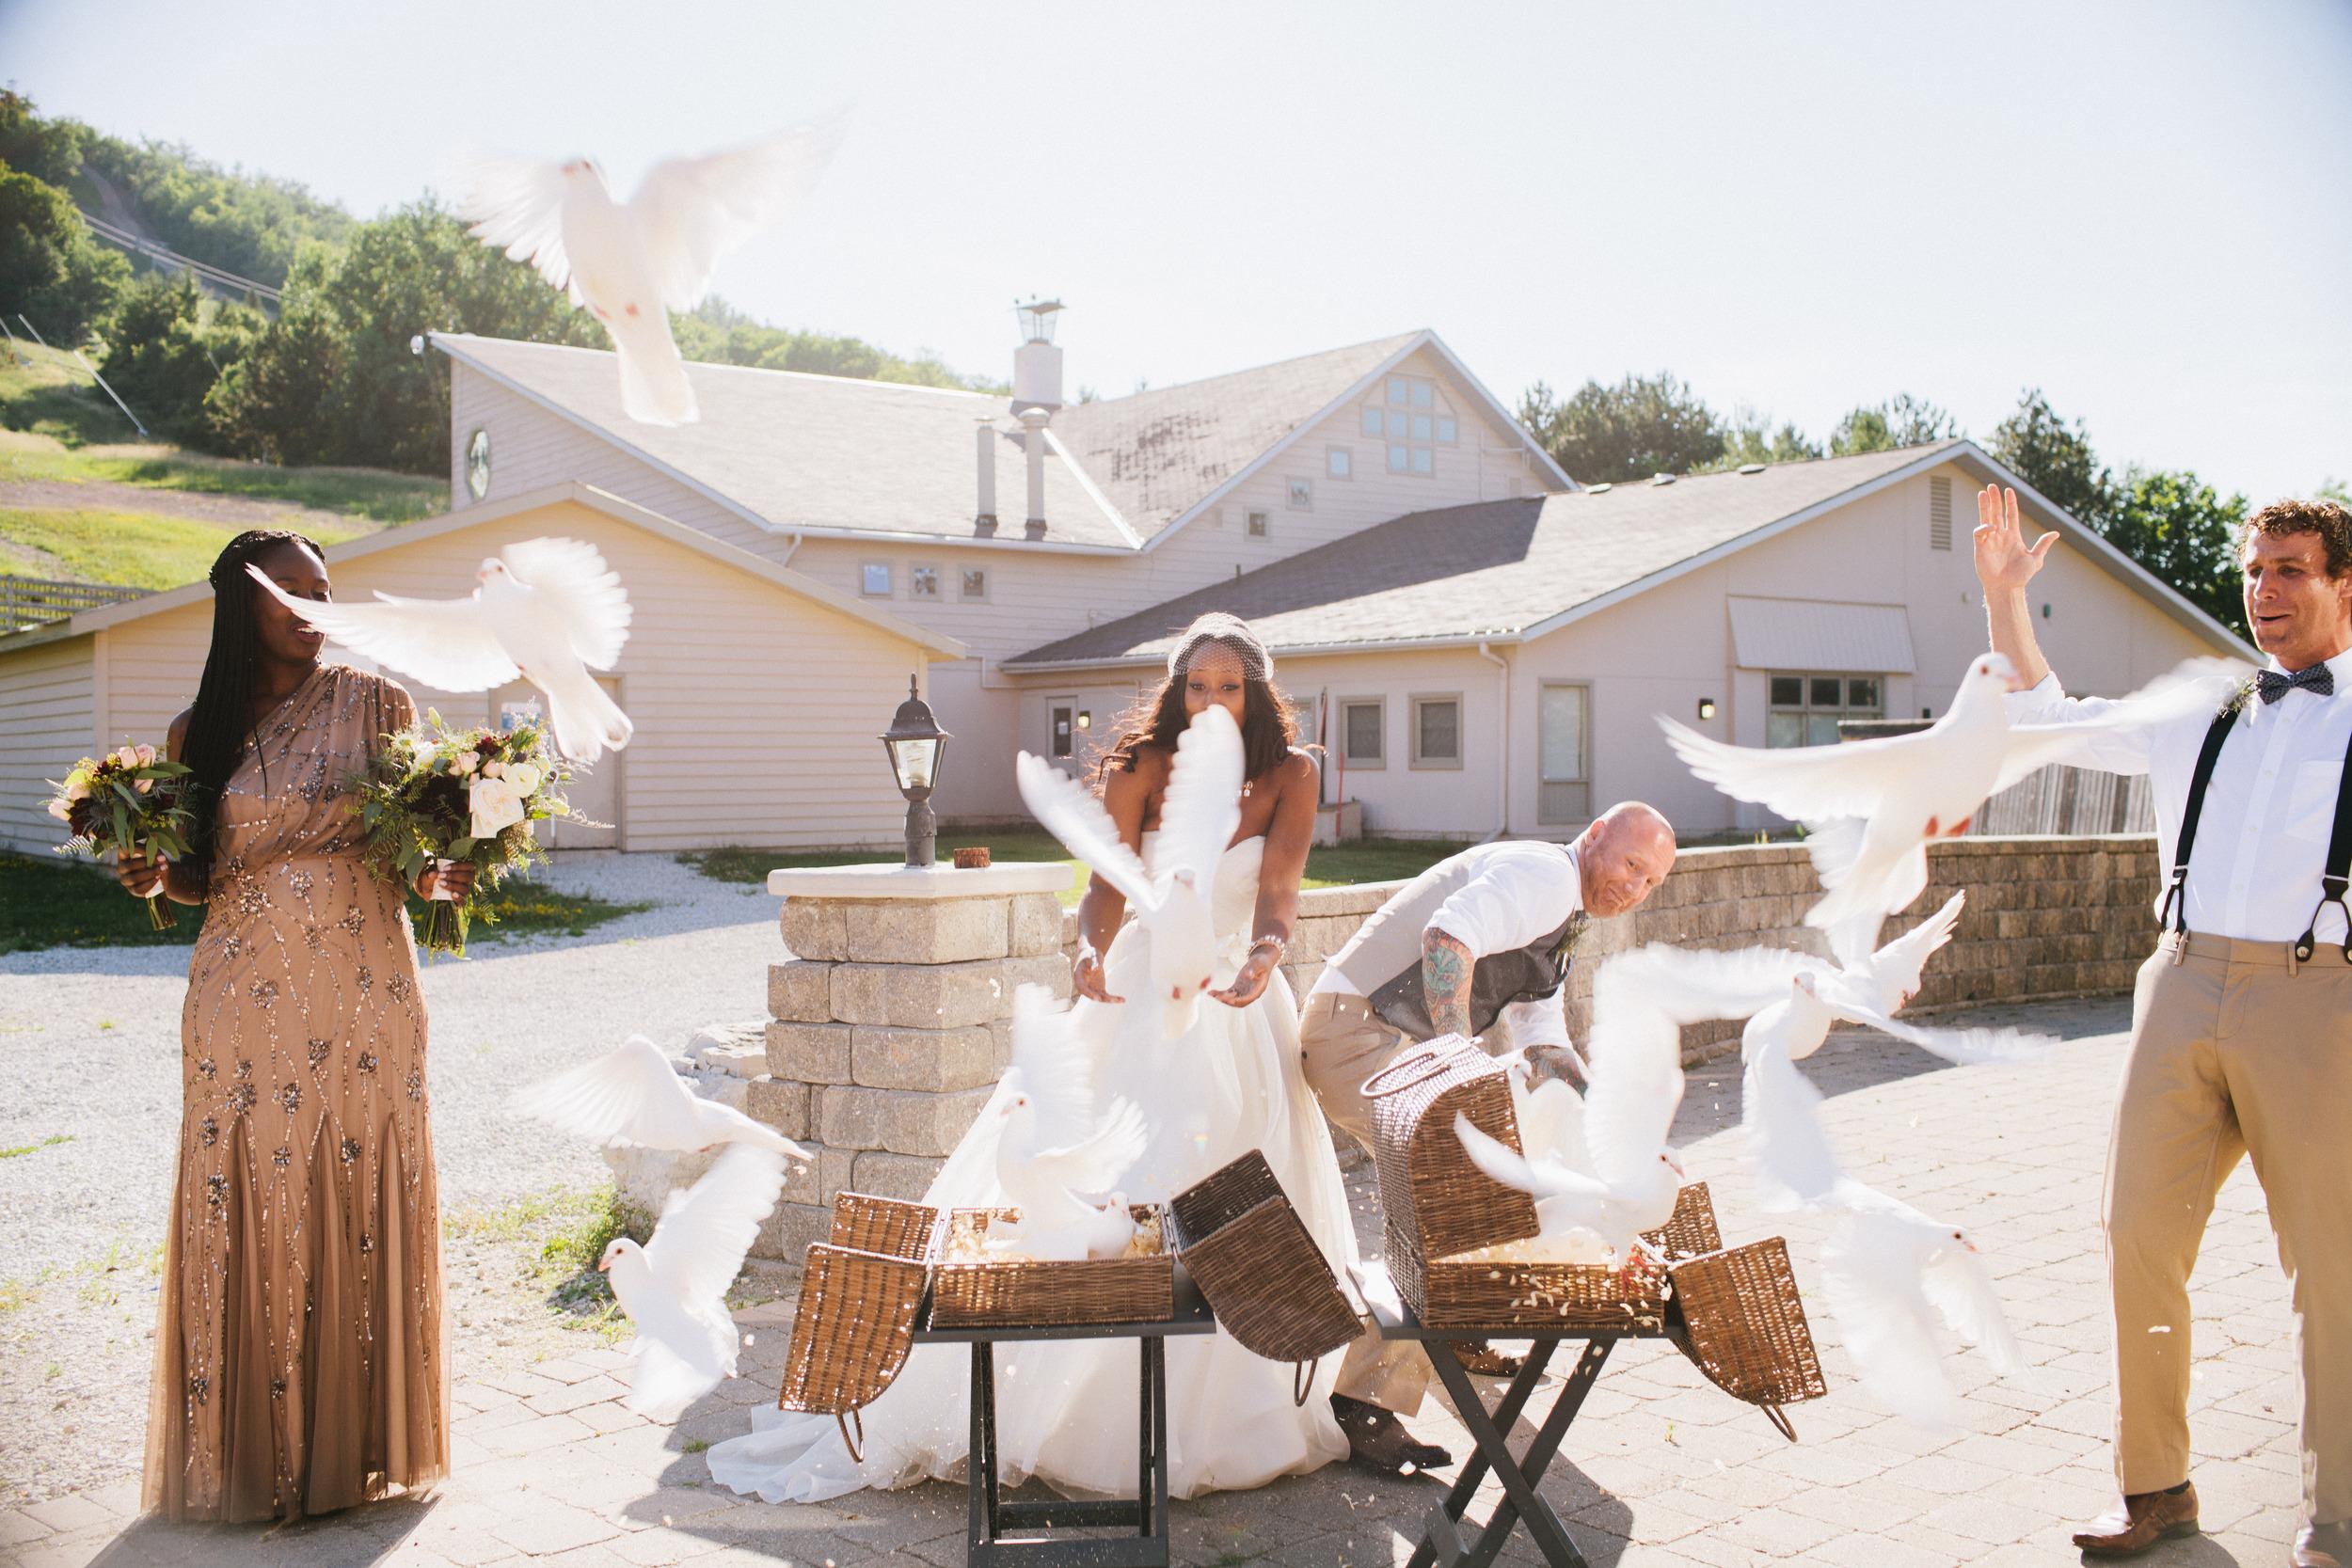 michael-rousseau-photography-shannae-ingleton-wedding-sean-craigleith-ski-club-wedding054.jpg